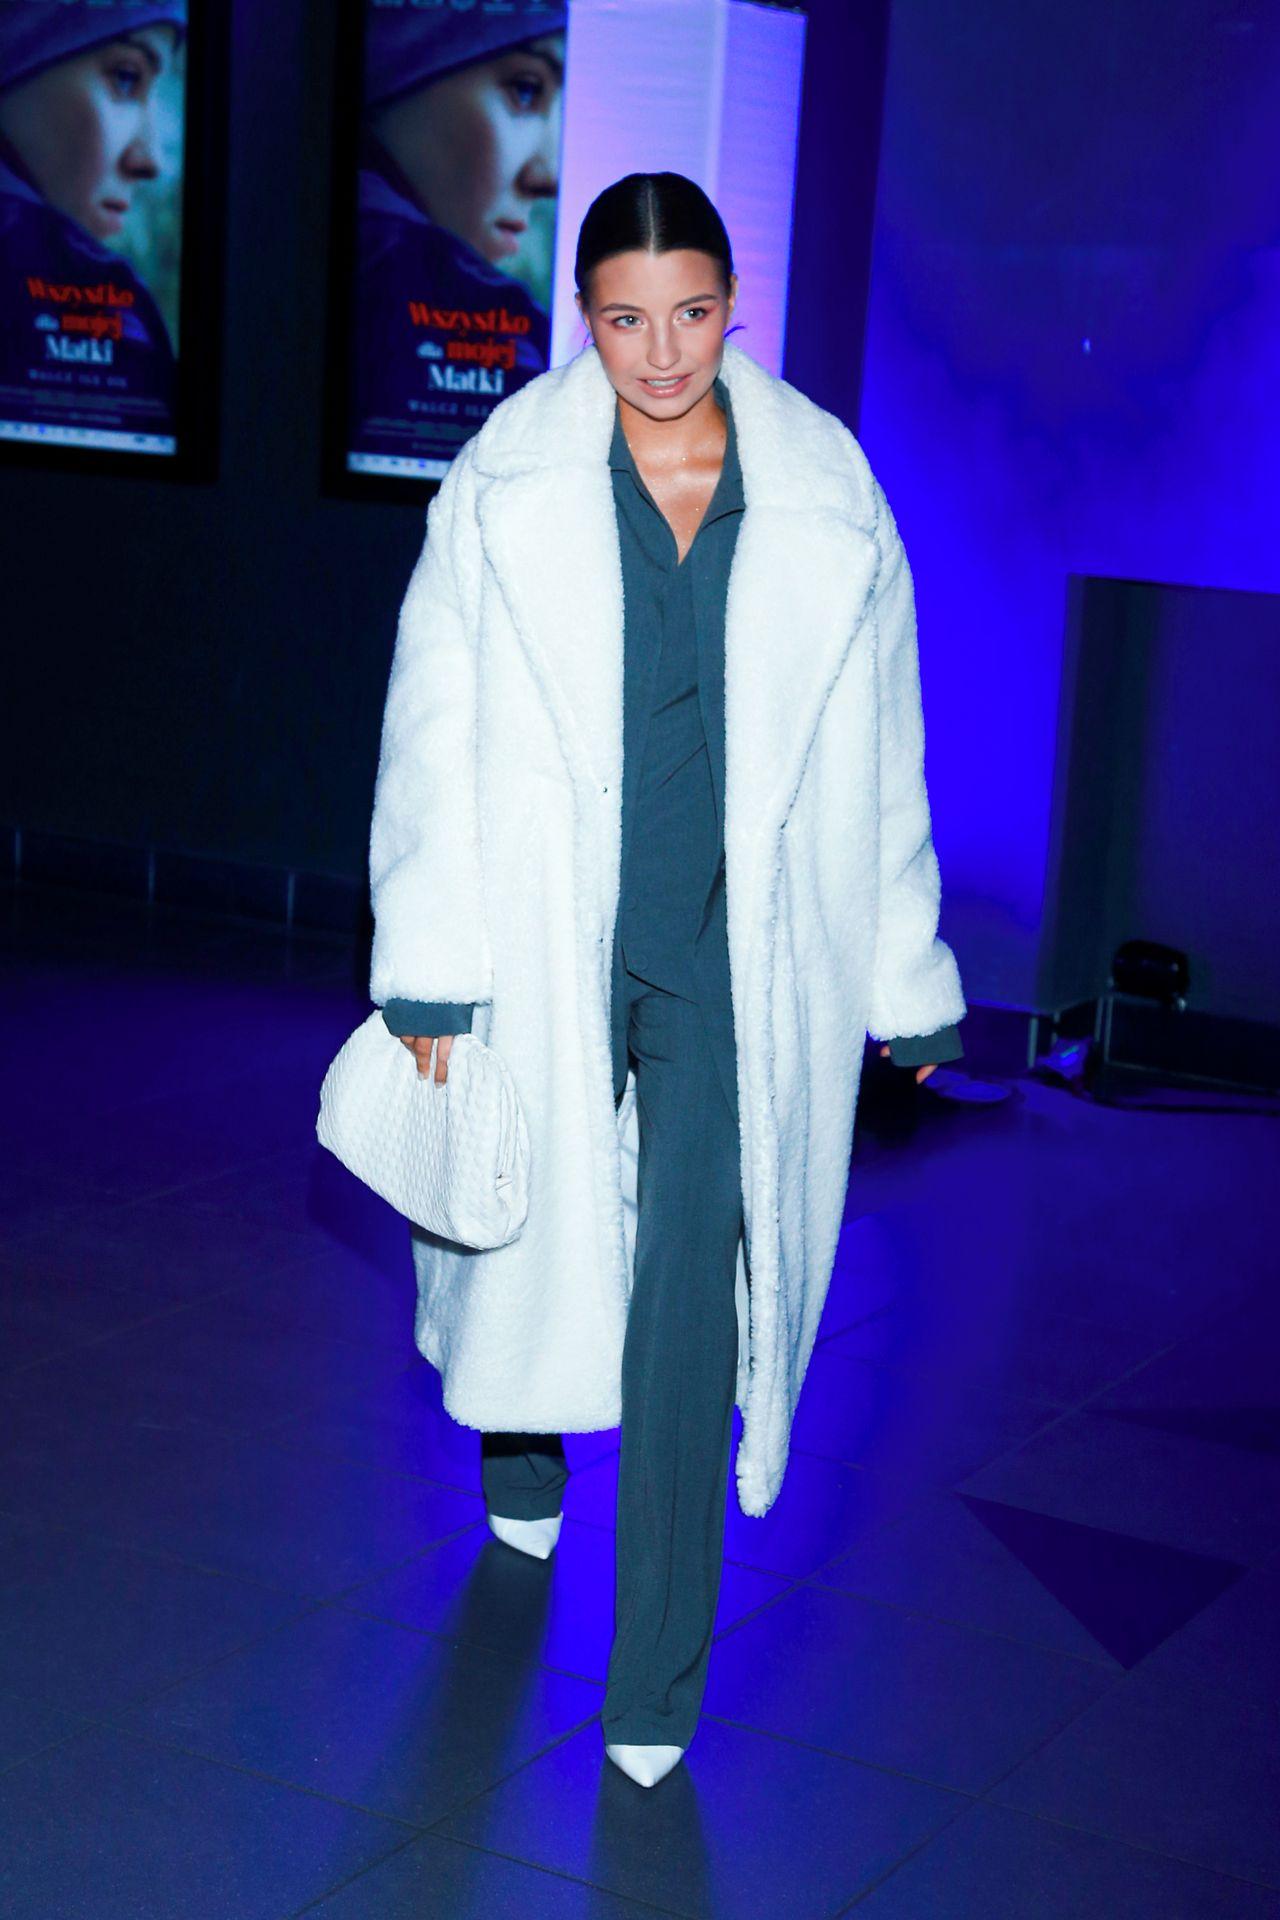 Elegancka Julia Wieniawa w garniturze i obszernym płaszczu.